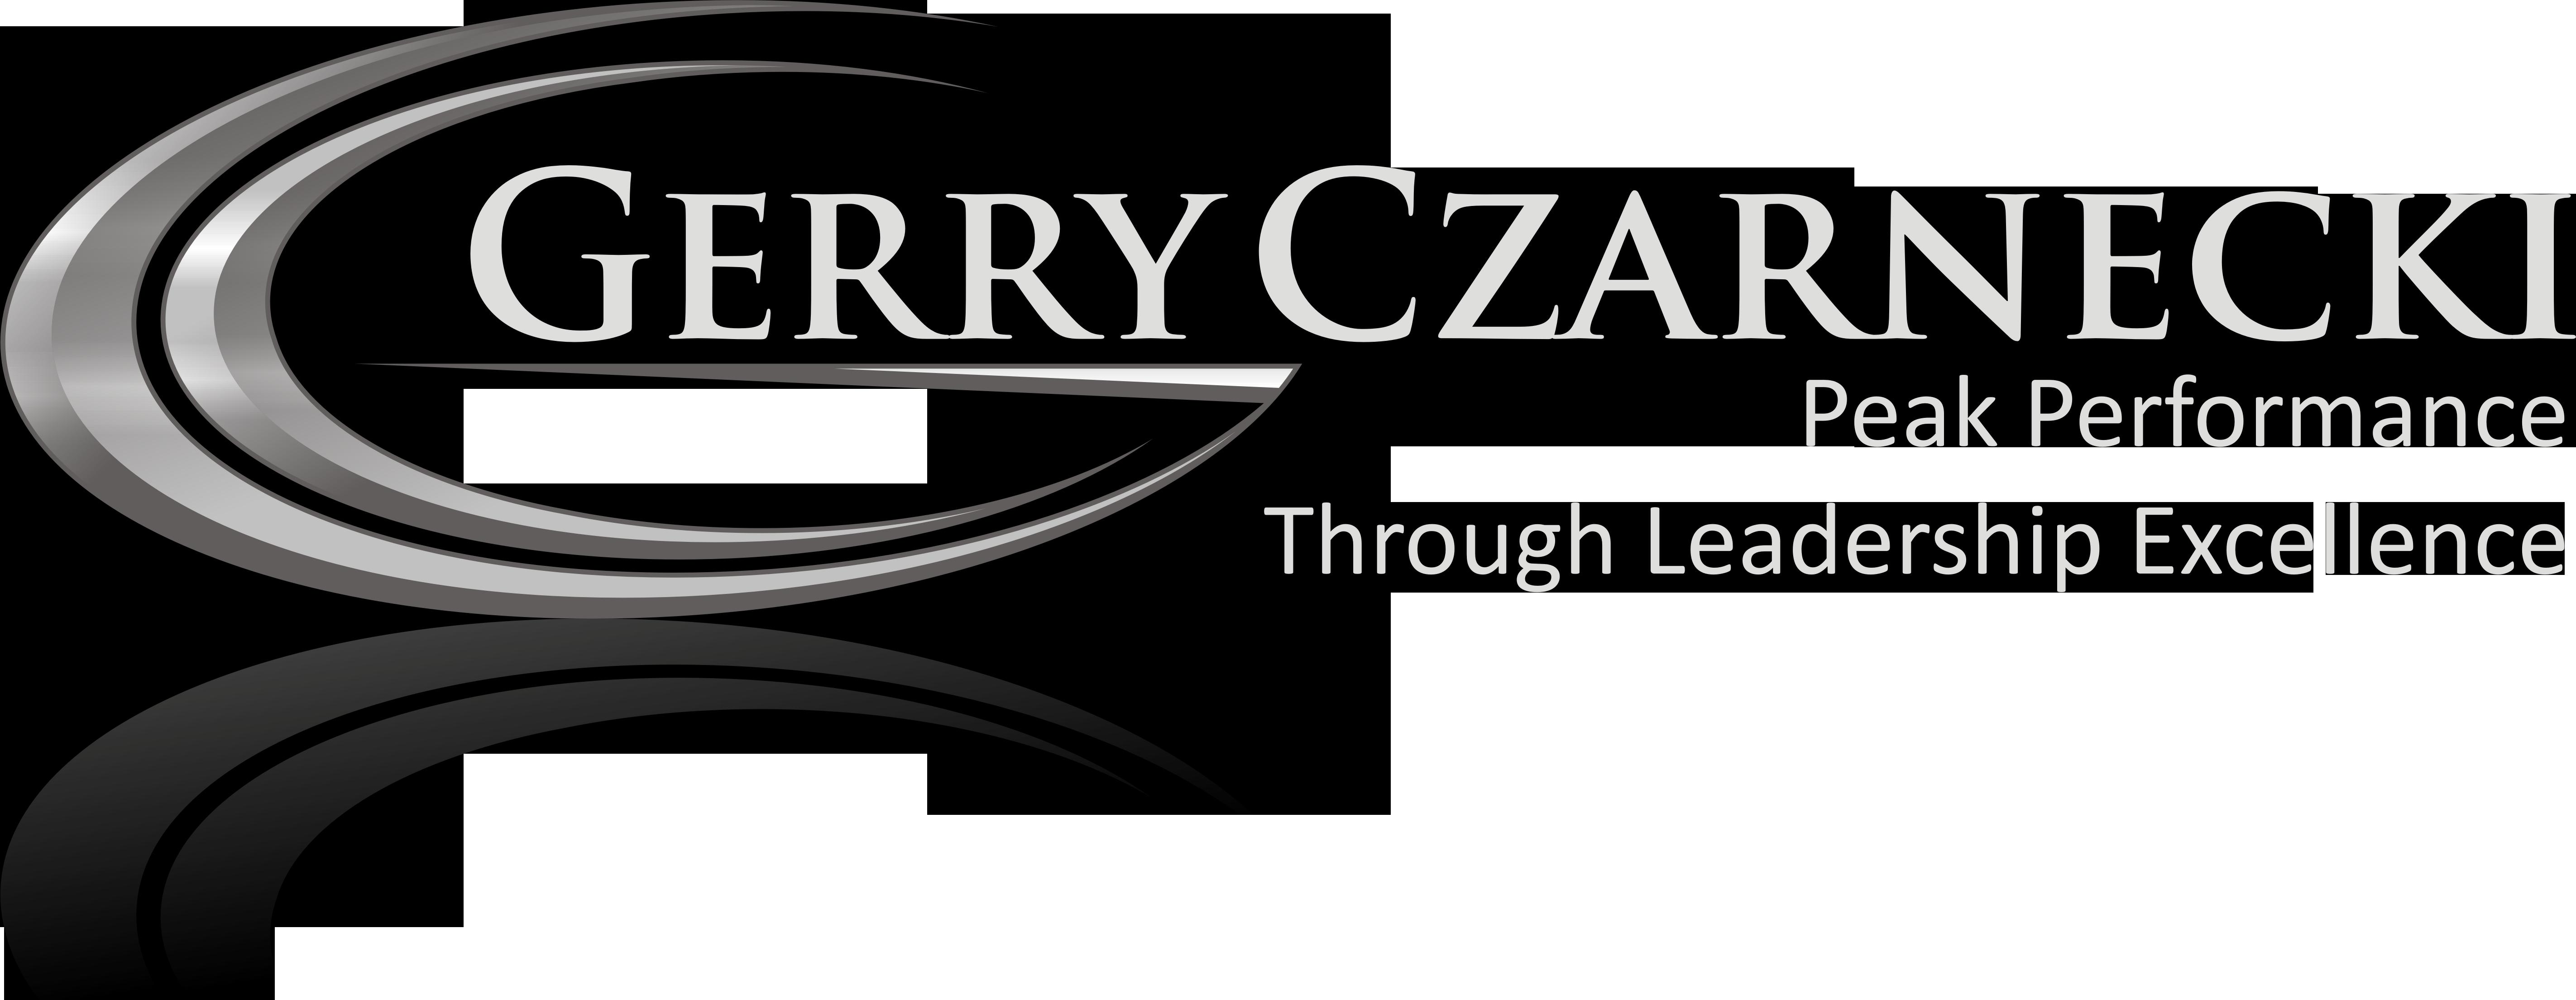 Gerry Czarnecki